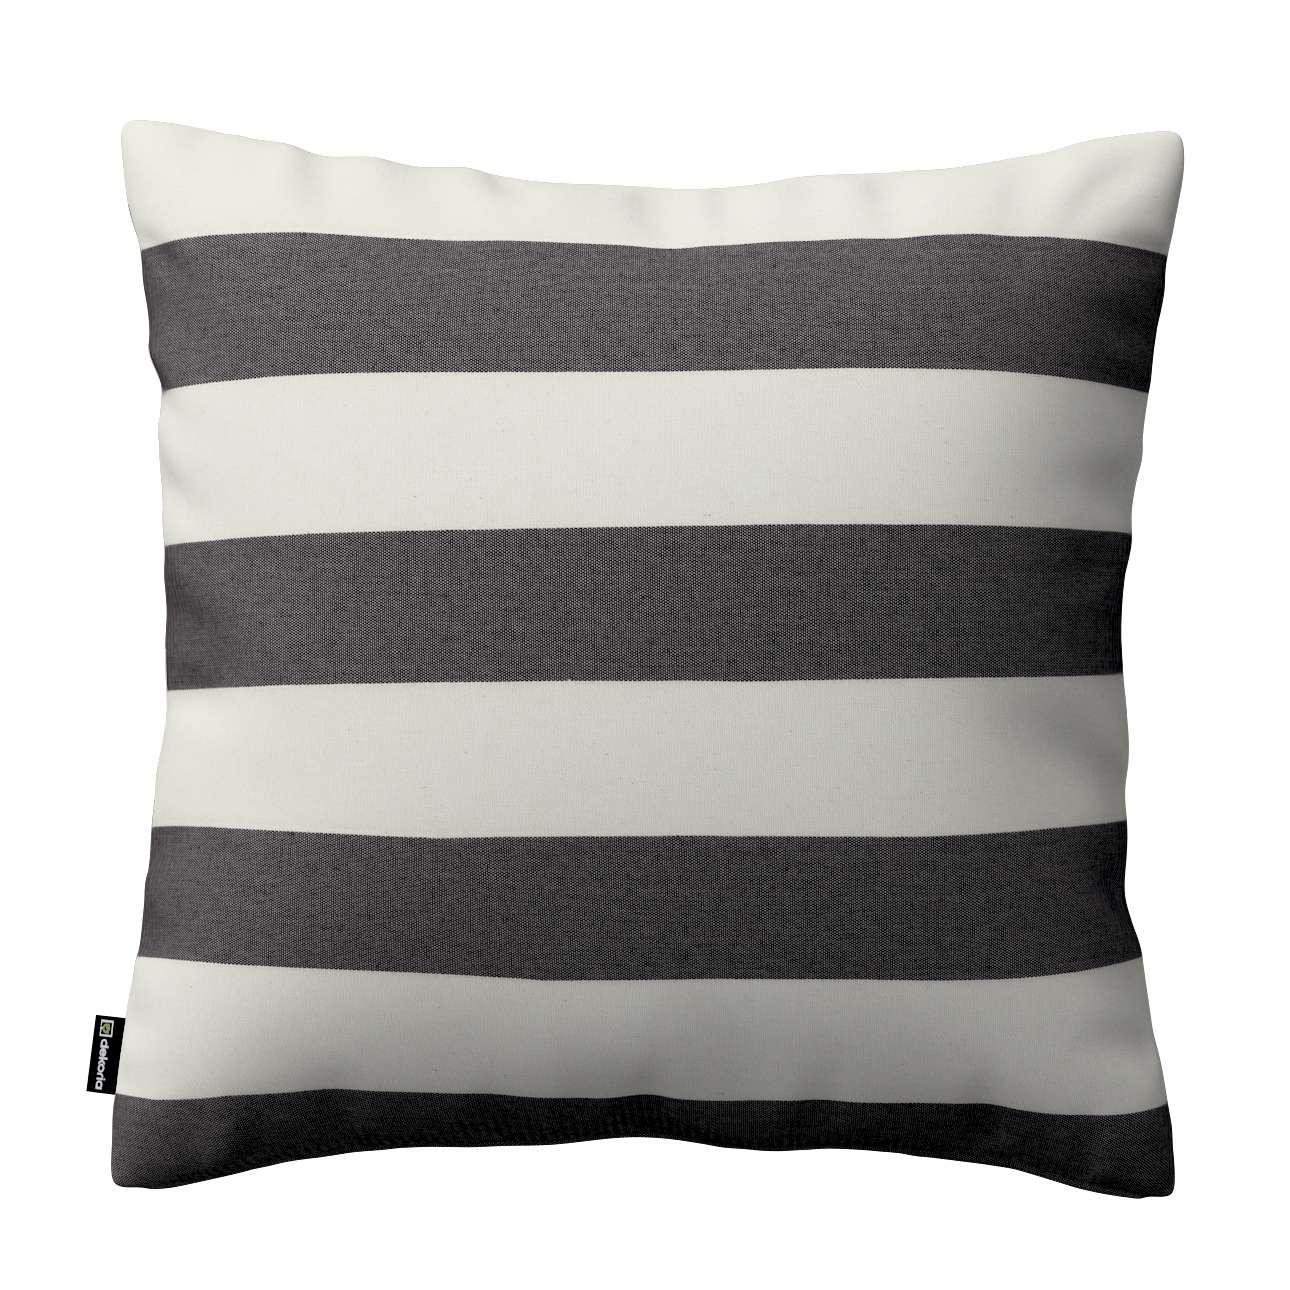 Poszewka Kinga na poduszkę w kolekcji Quadro, tkanina: 142-72